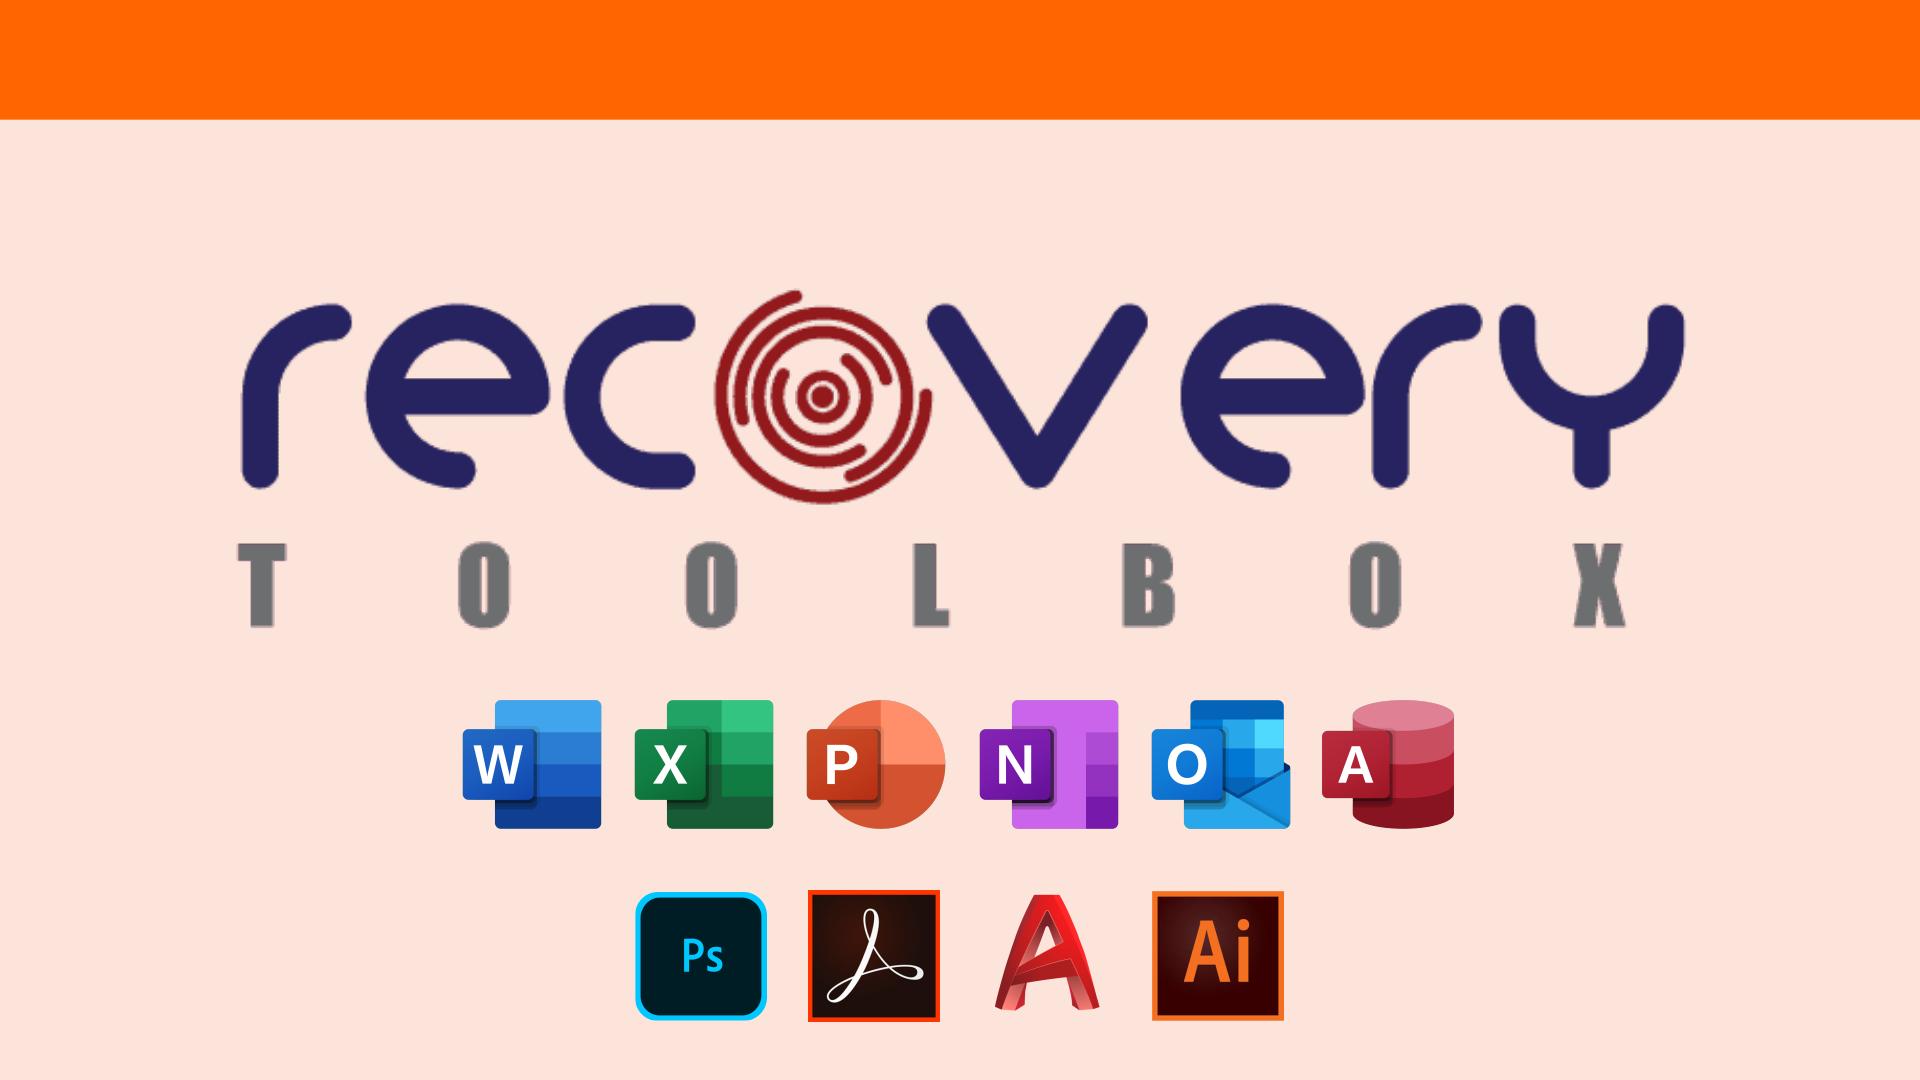 Ceo da recovery toolbox conta como funcionam os softwares de recuperação da empresa. A recovery toolbox conta com soluções para arquivos corrompidos em programas como word, excel, powerpoint, autocad, coreldraw, photoshop, one note e vários outros.